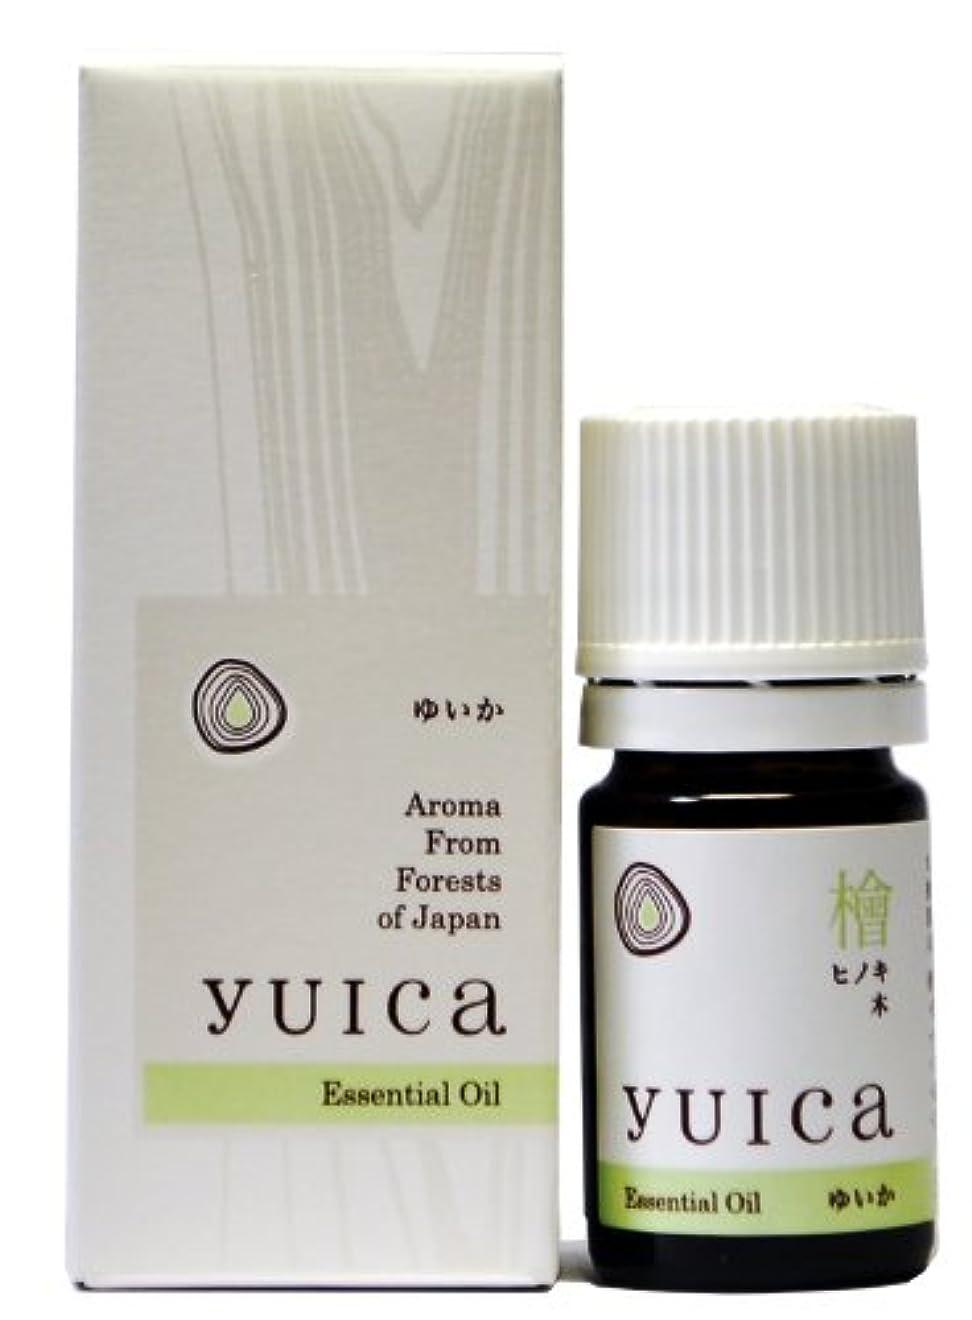 ハッチストラップ遺伝的yuica エッセンシャルオイル ヒノキ(木部) 5mL